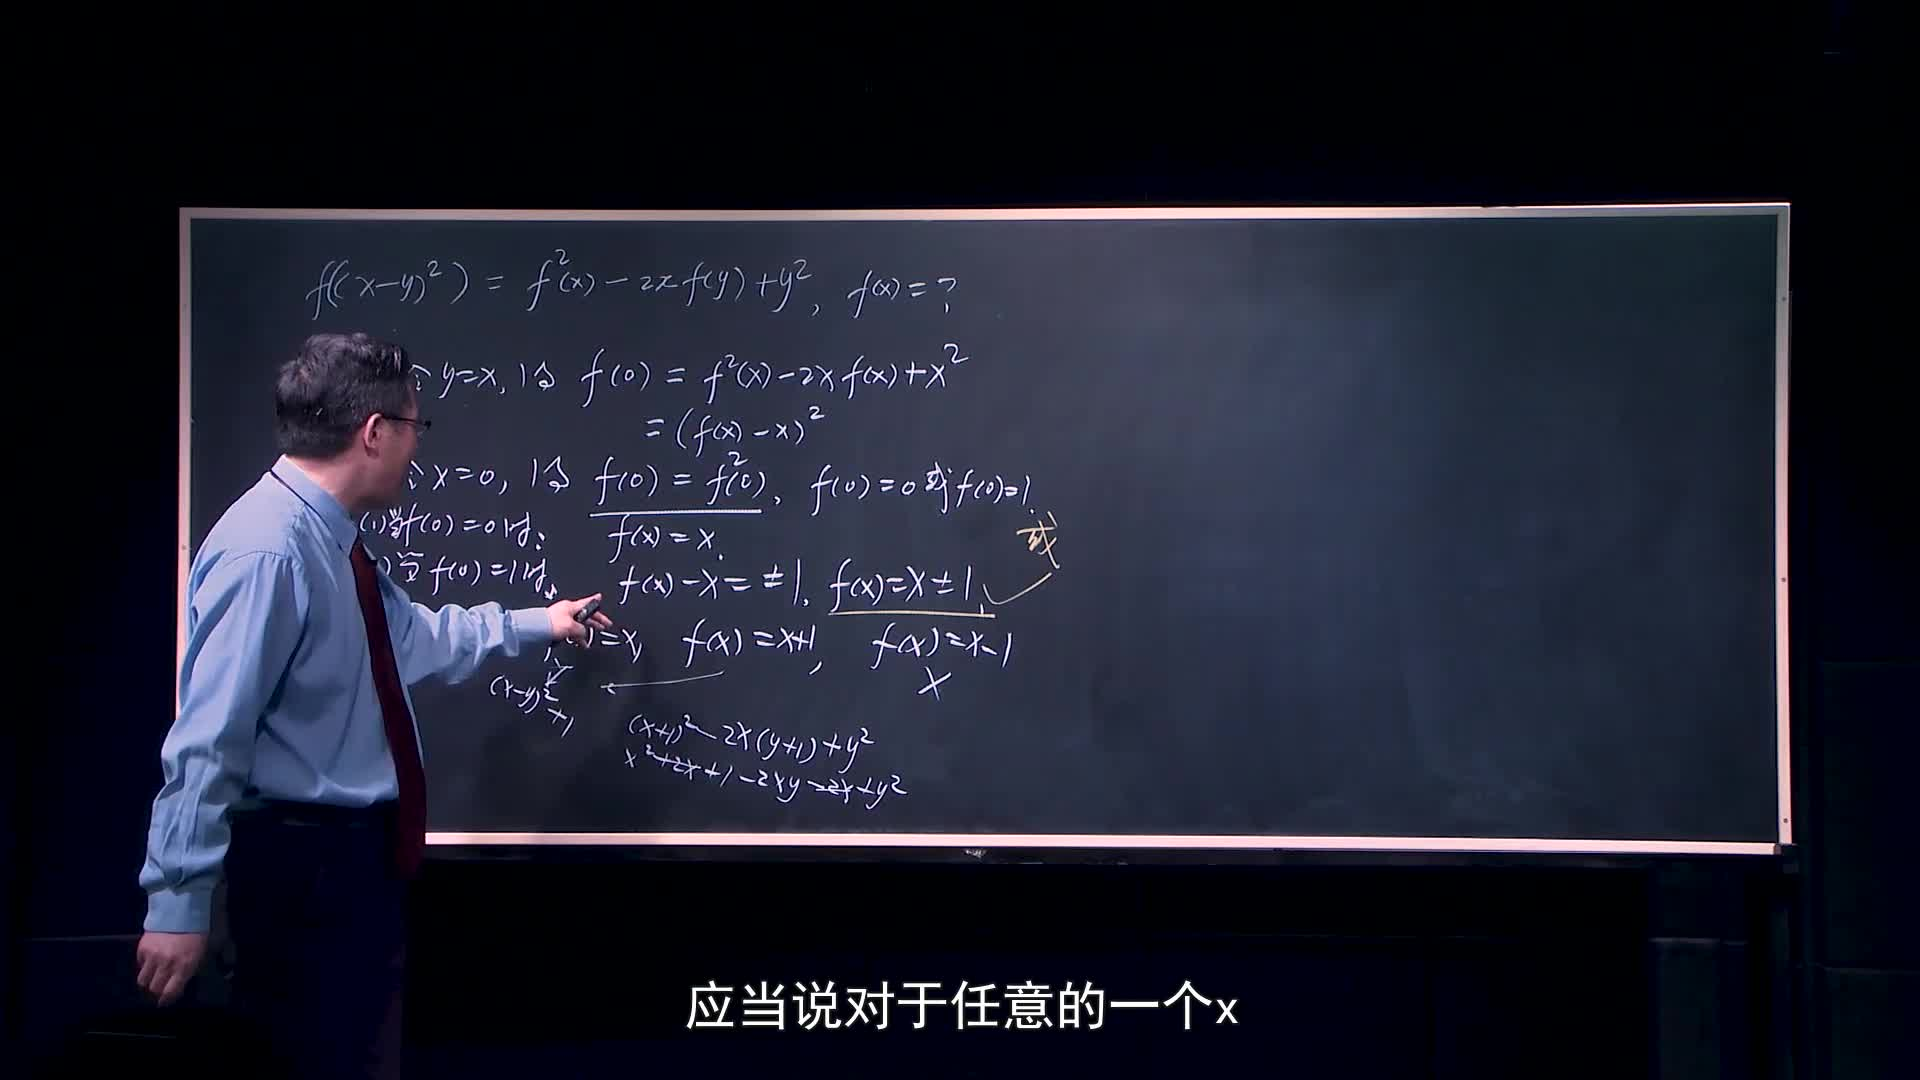 """重点大学自主招生专栏-对一道华中科技大学理科实验班选拔试题的严谨解答 2.你知道""""pvq恒成立""""的真正内涵吗?-视频公开课"""